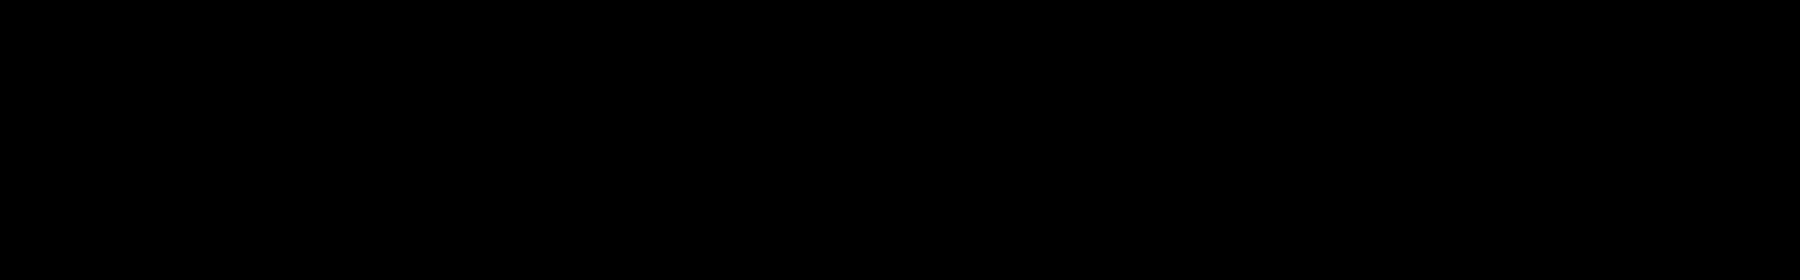 EDM Midi Pack audio waveform